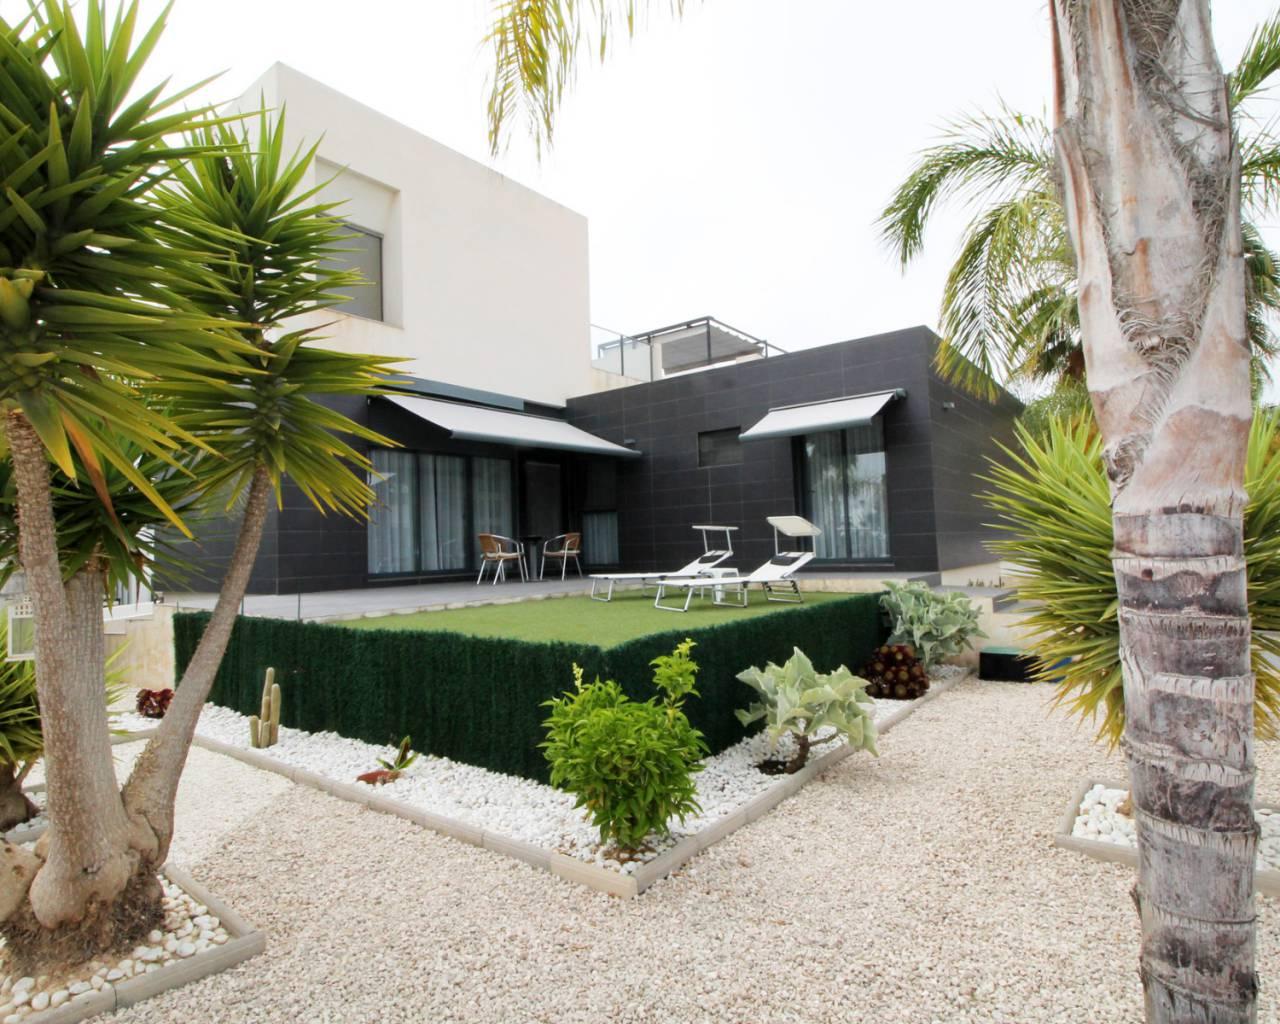 herverkoop-half-vrijstaande-villa-orihuela-costa-villamartin-golf_2021_xl